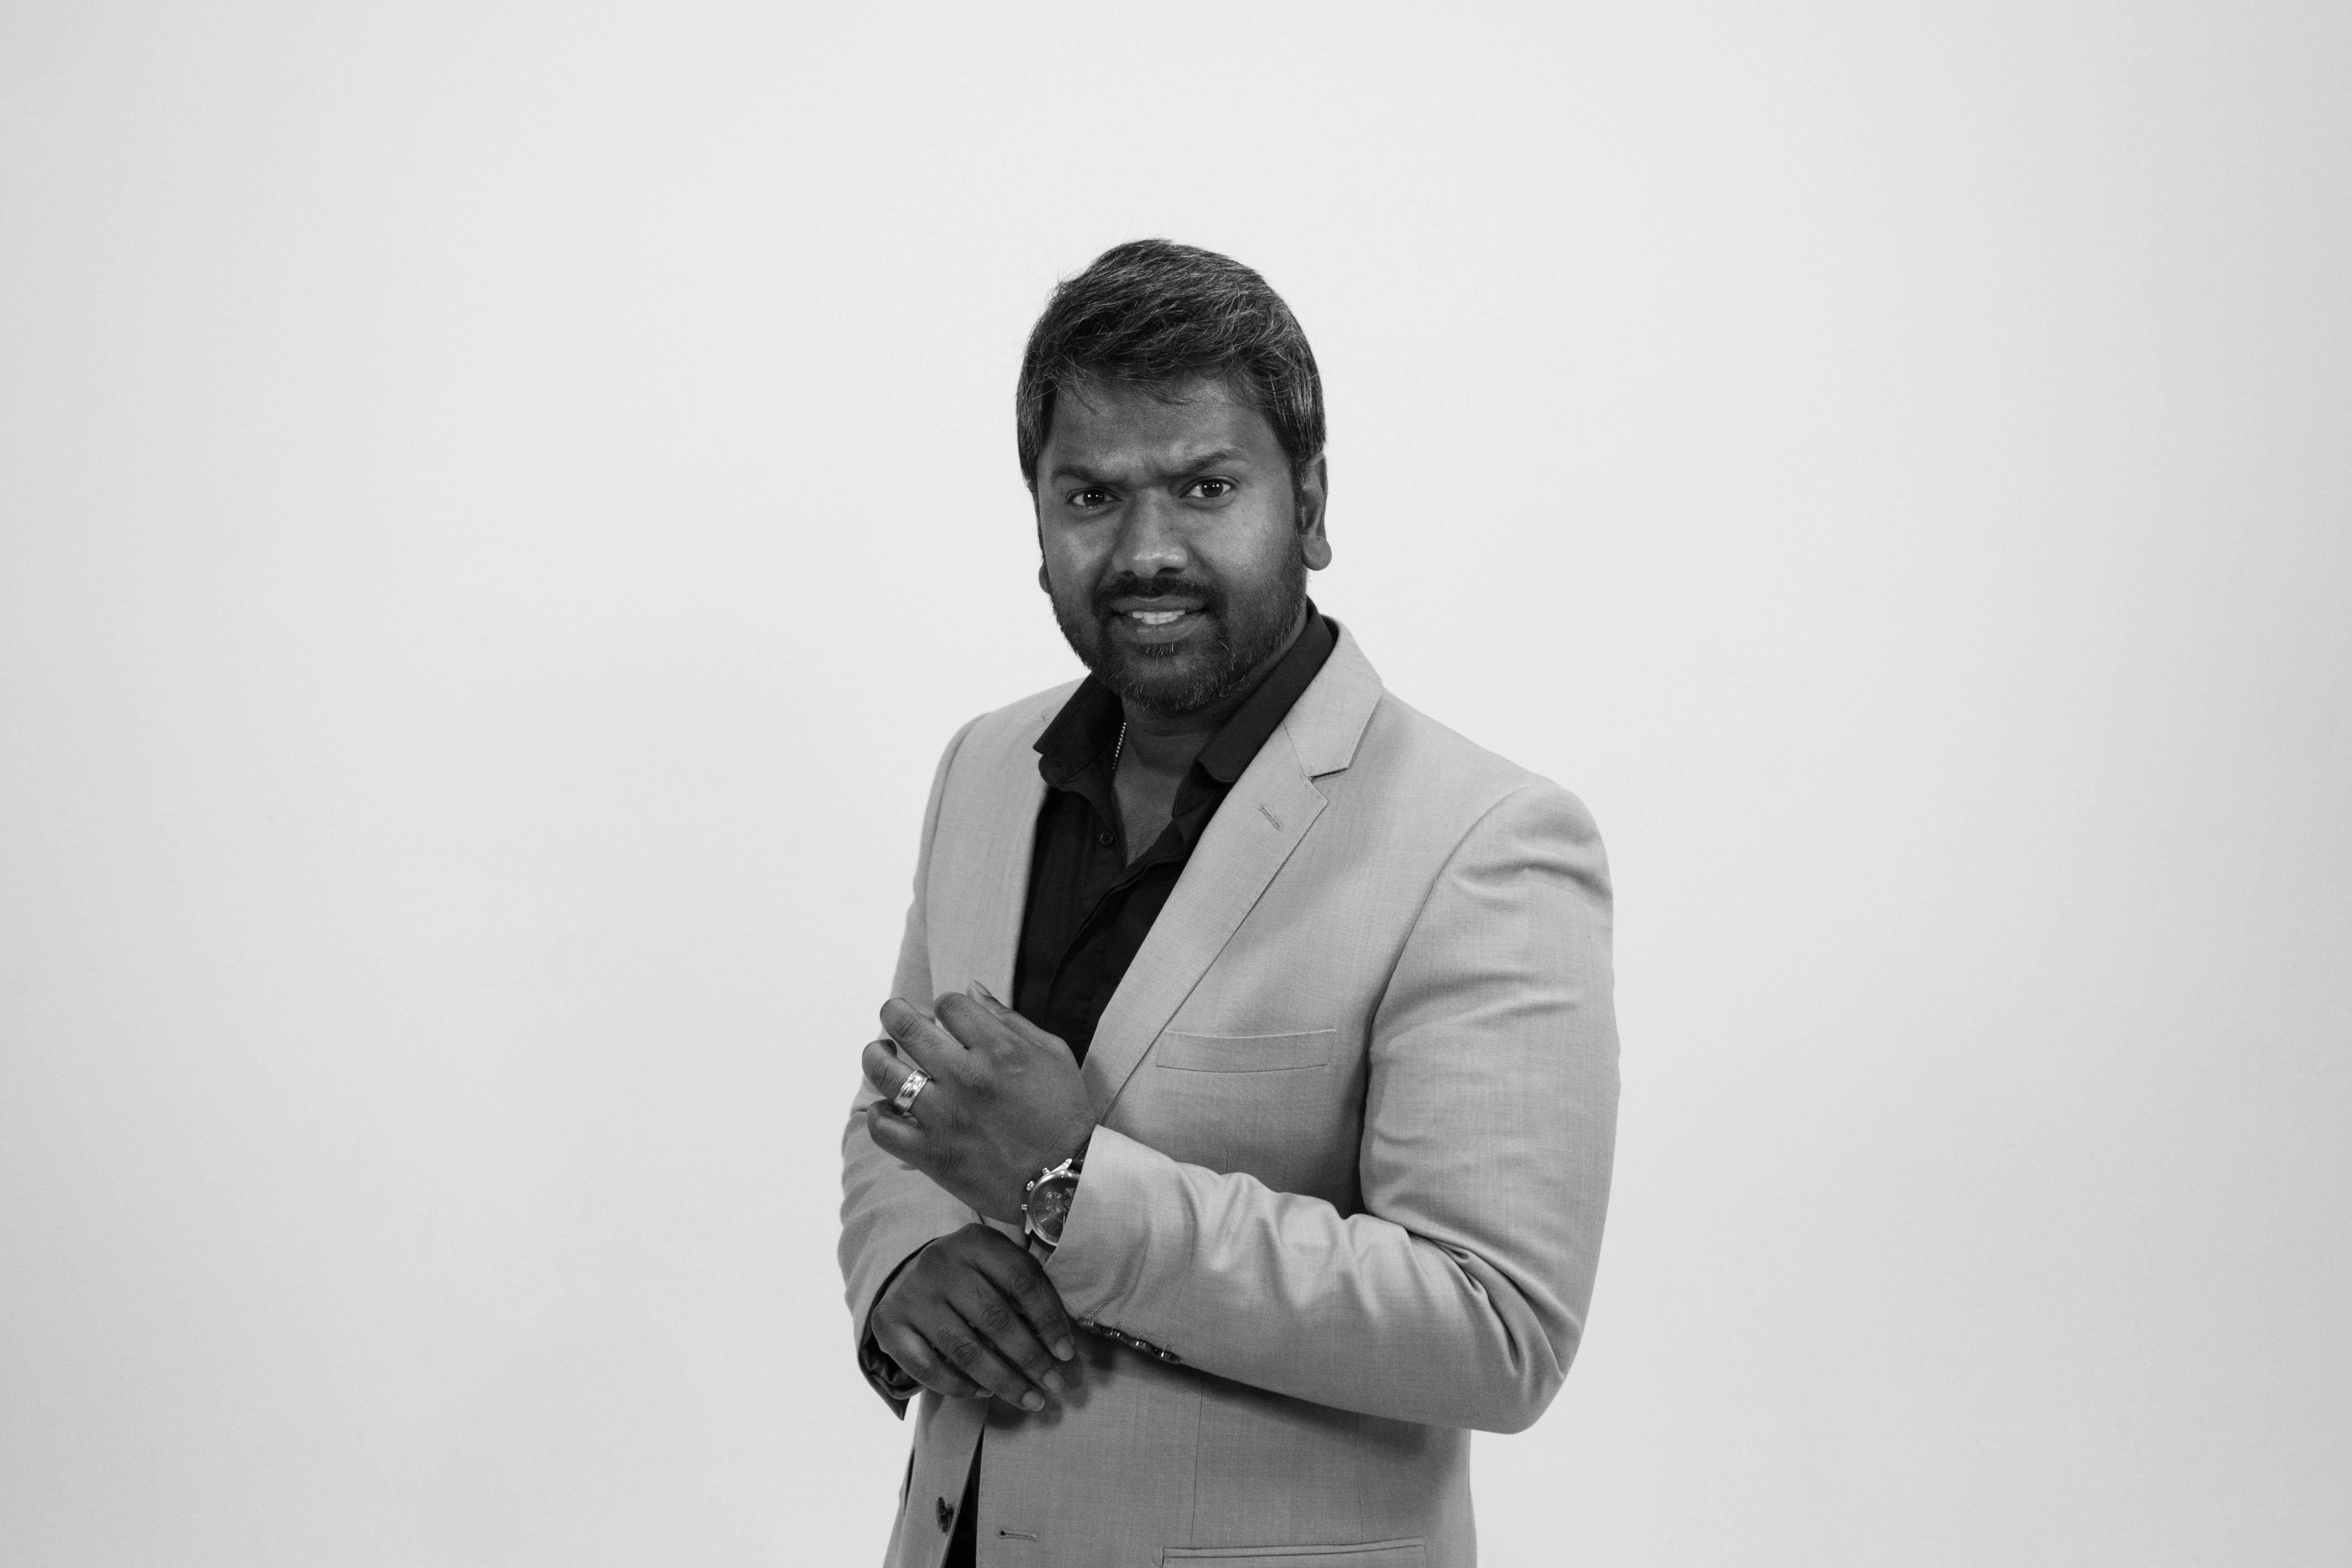 A photo of CEO Steevy Solomon